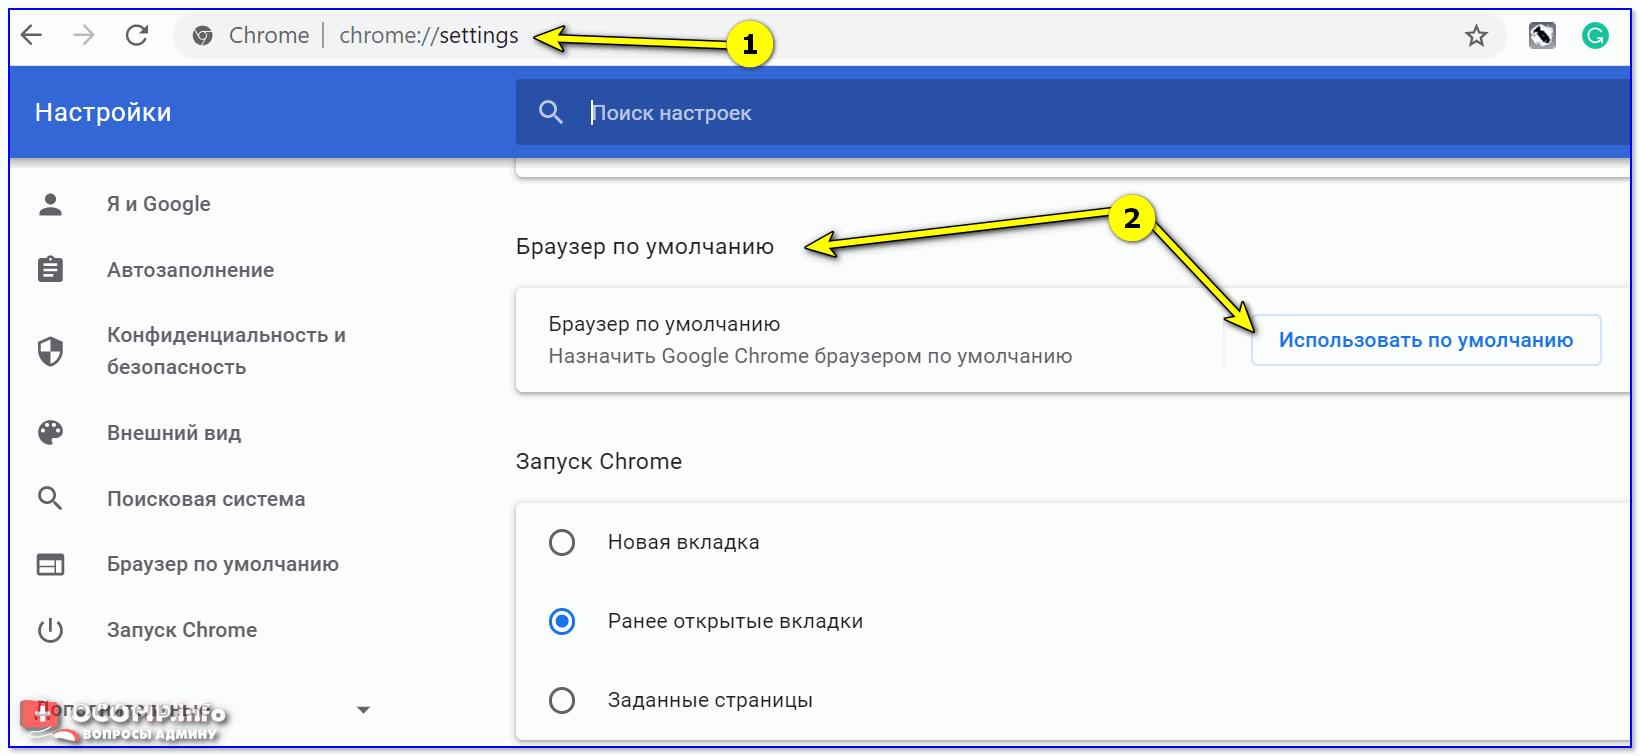 Chrome — использовать по умолчанию